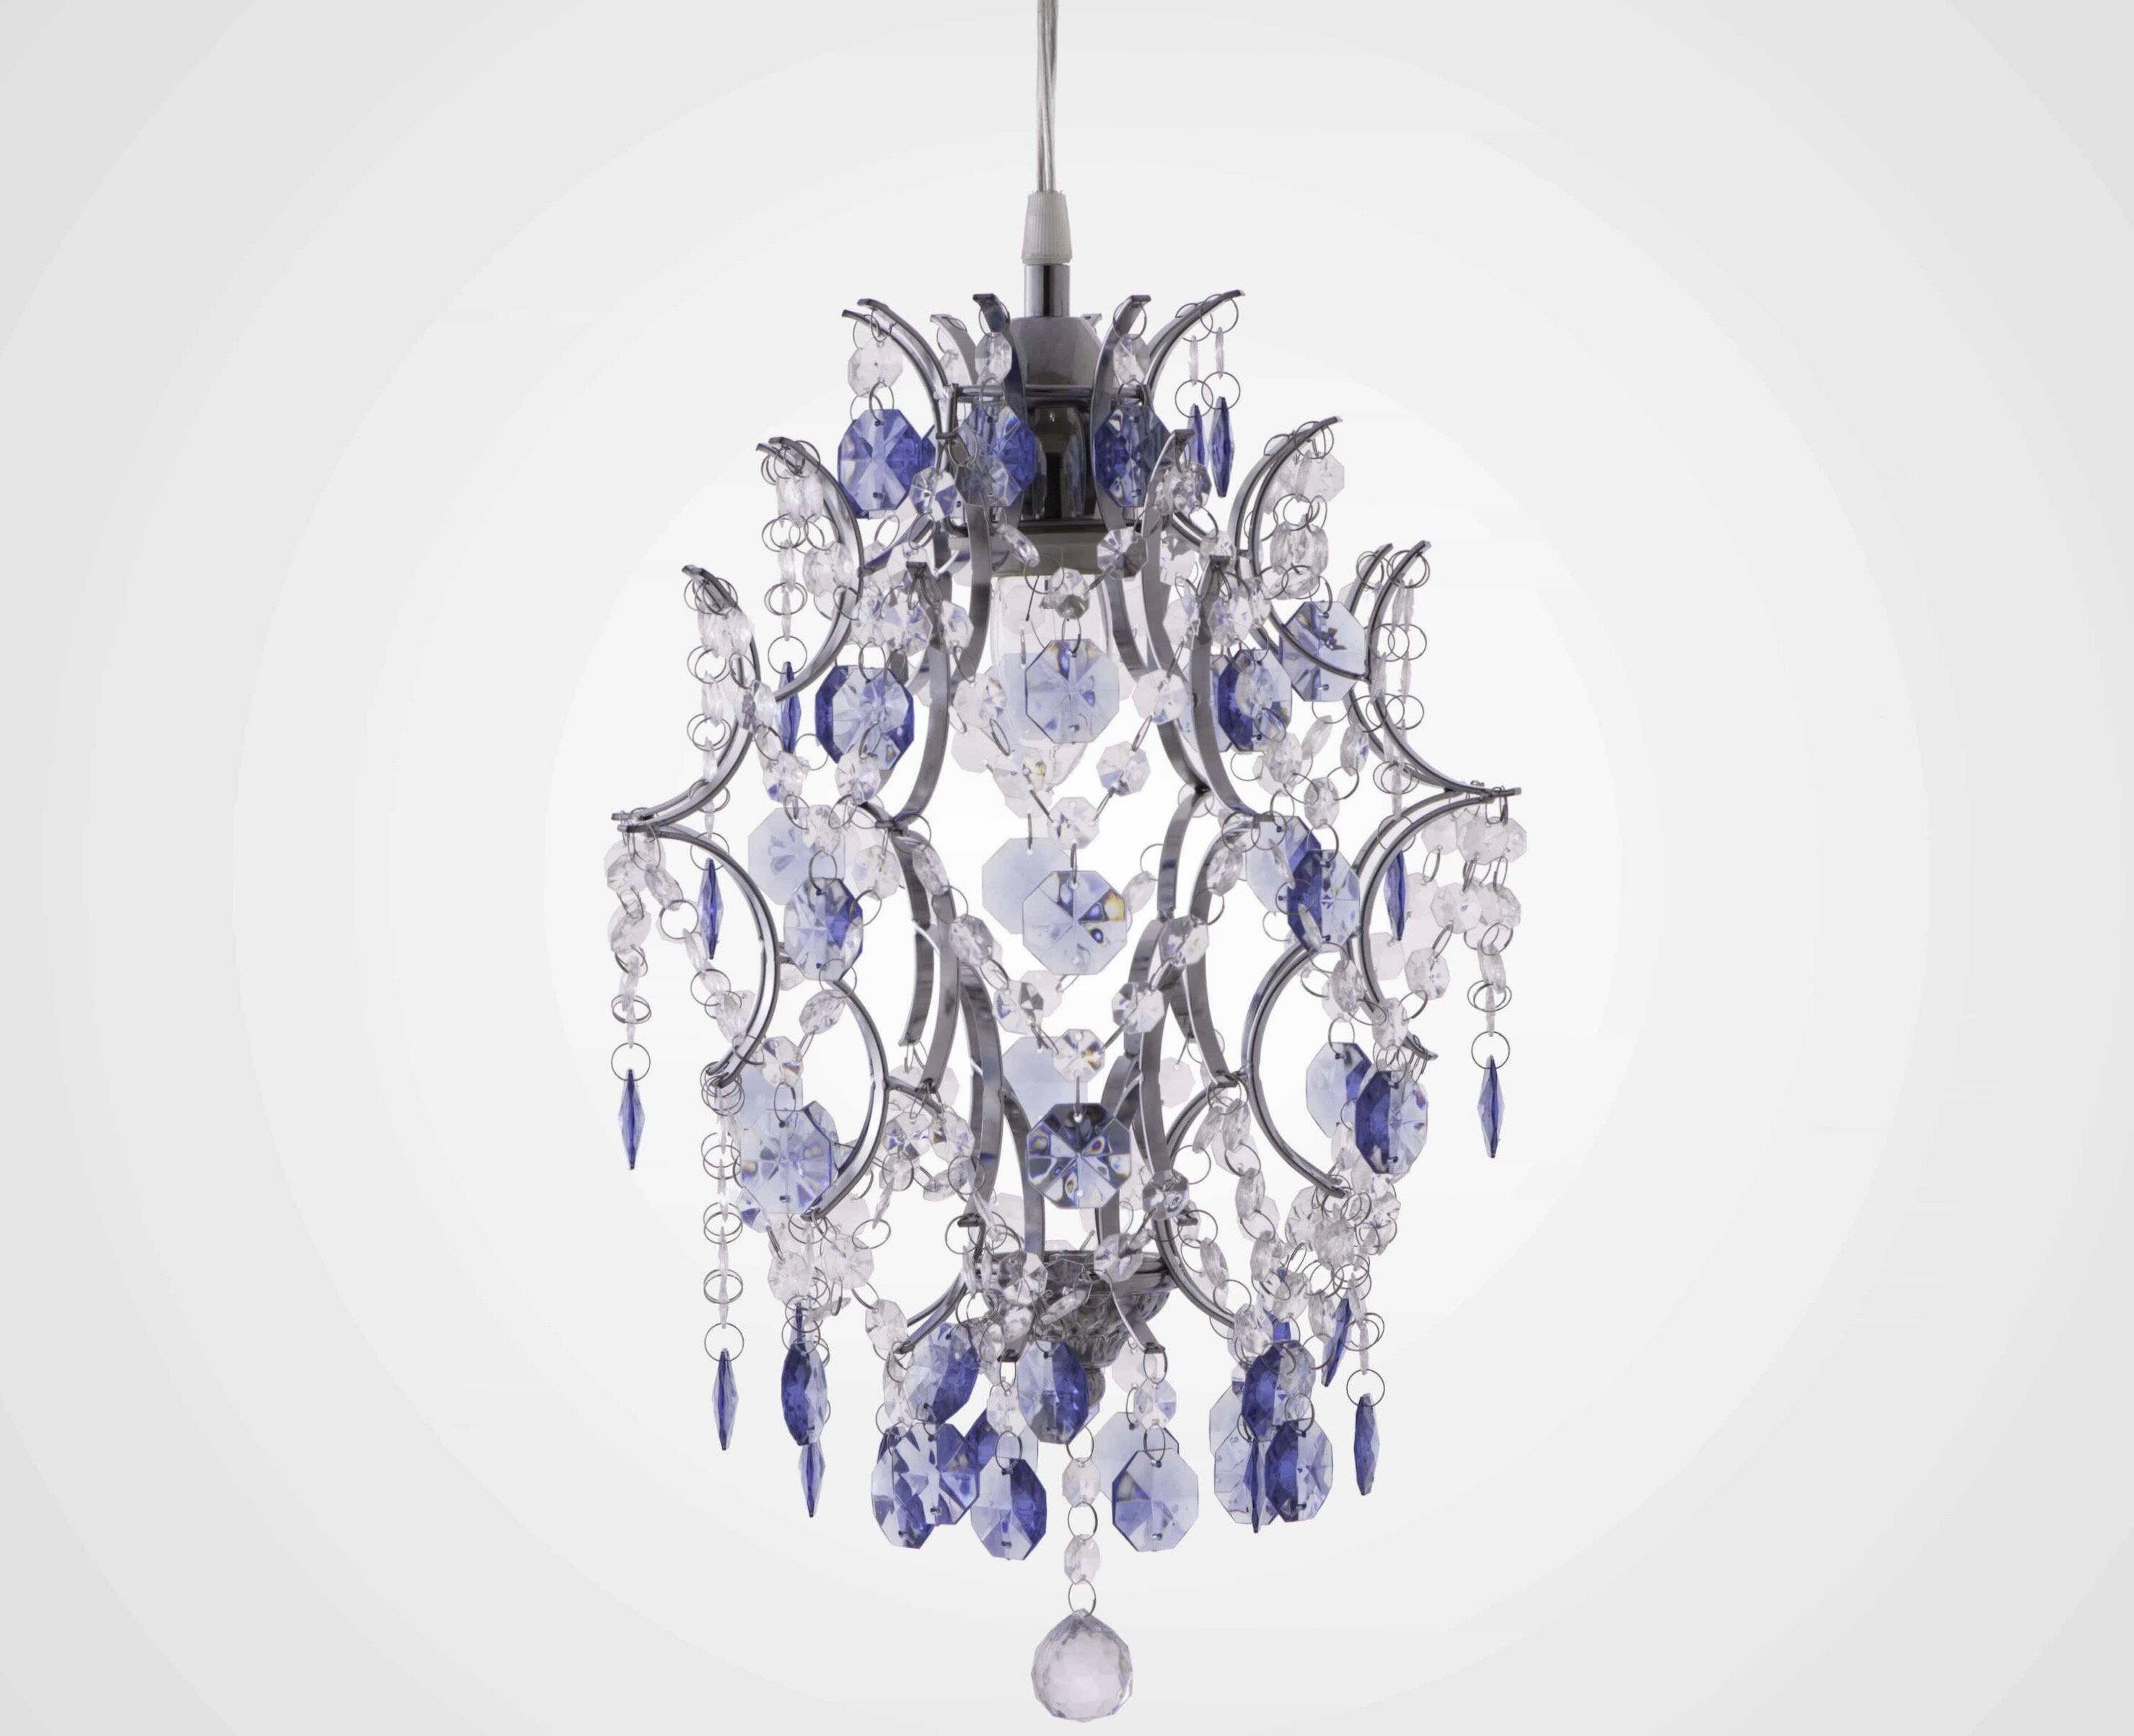 優雅鍍鉻架壓克力珠吊燈-BNL00044 3